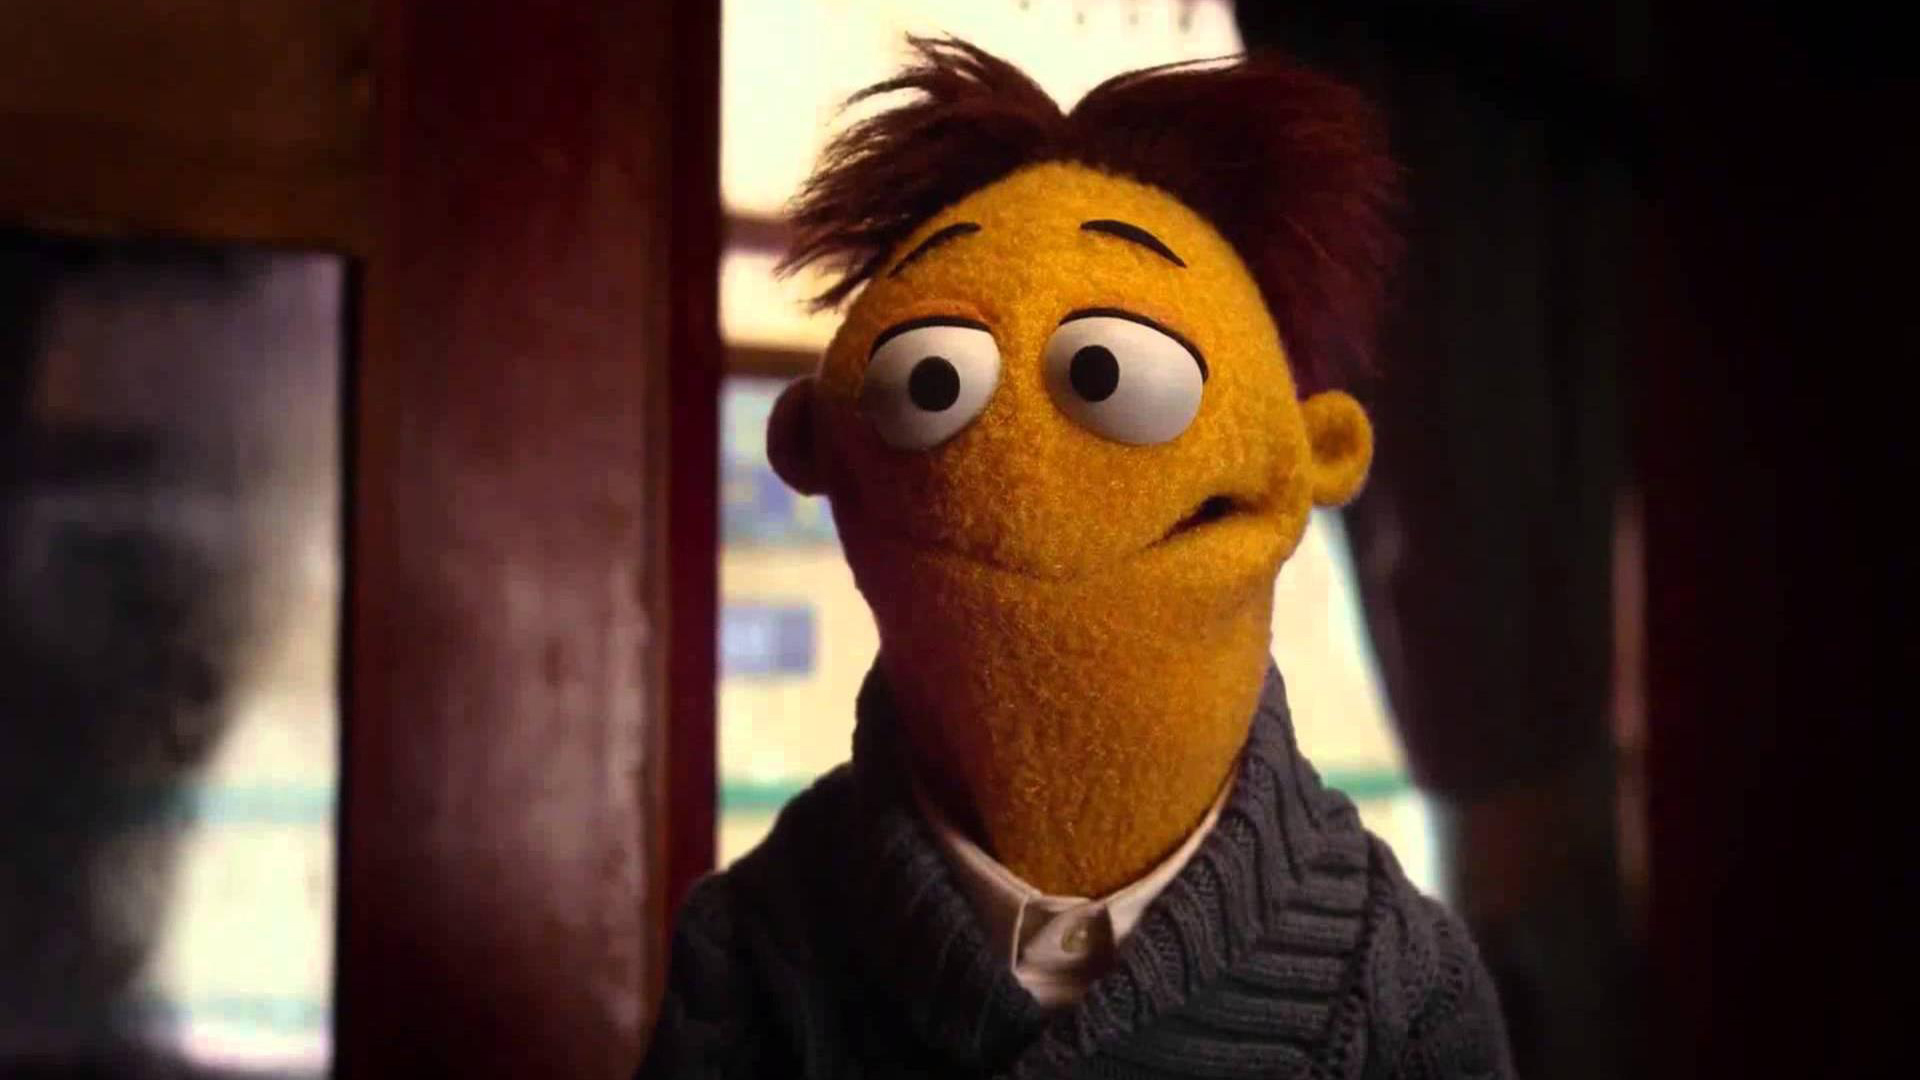 walter muppets most wa...